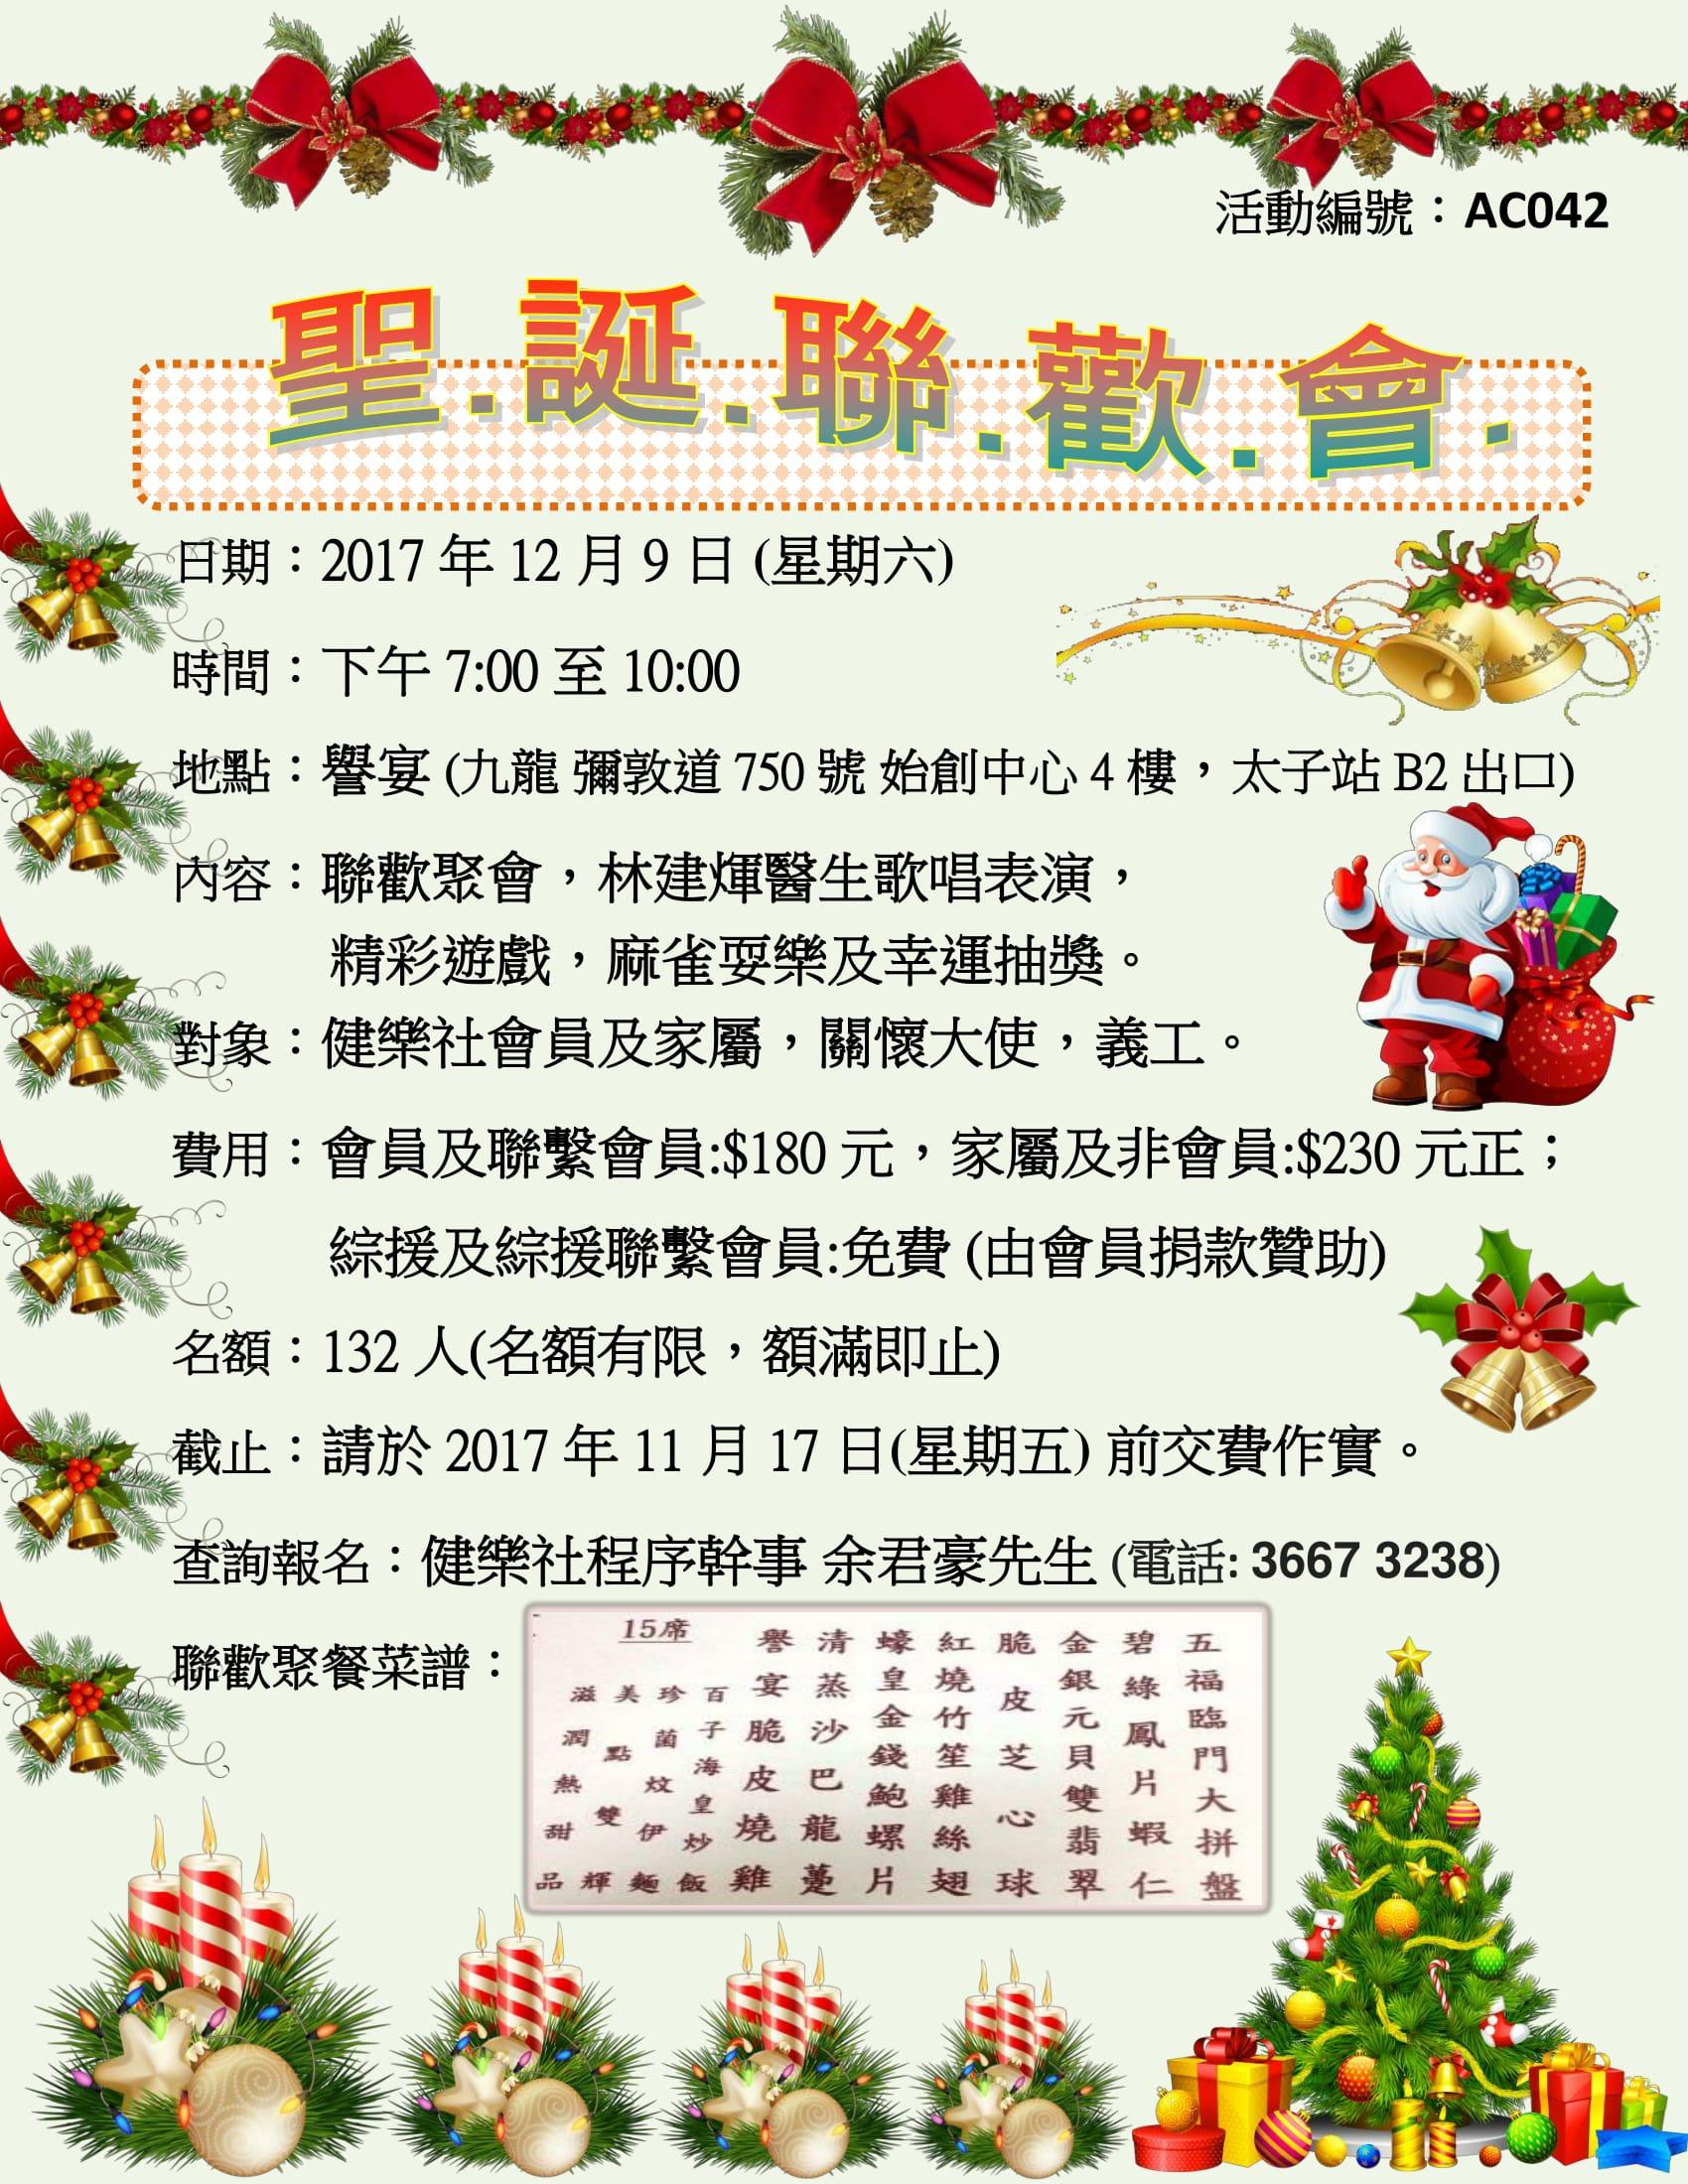 20171209-AC042-聖誕聯歡會-海報-01